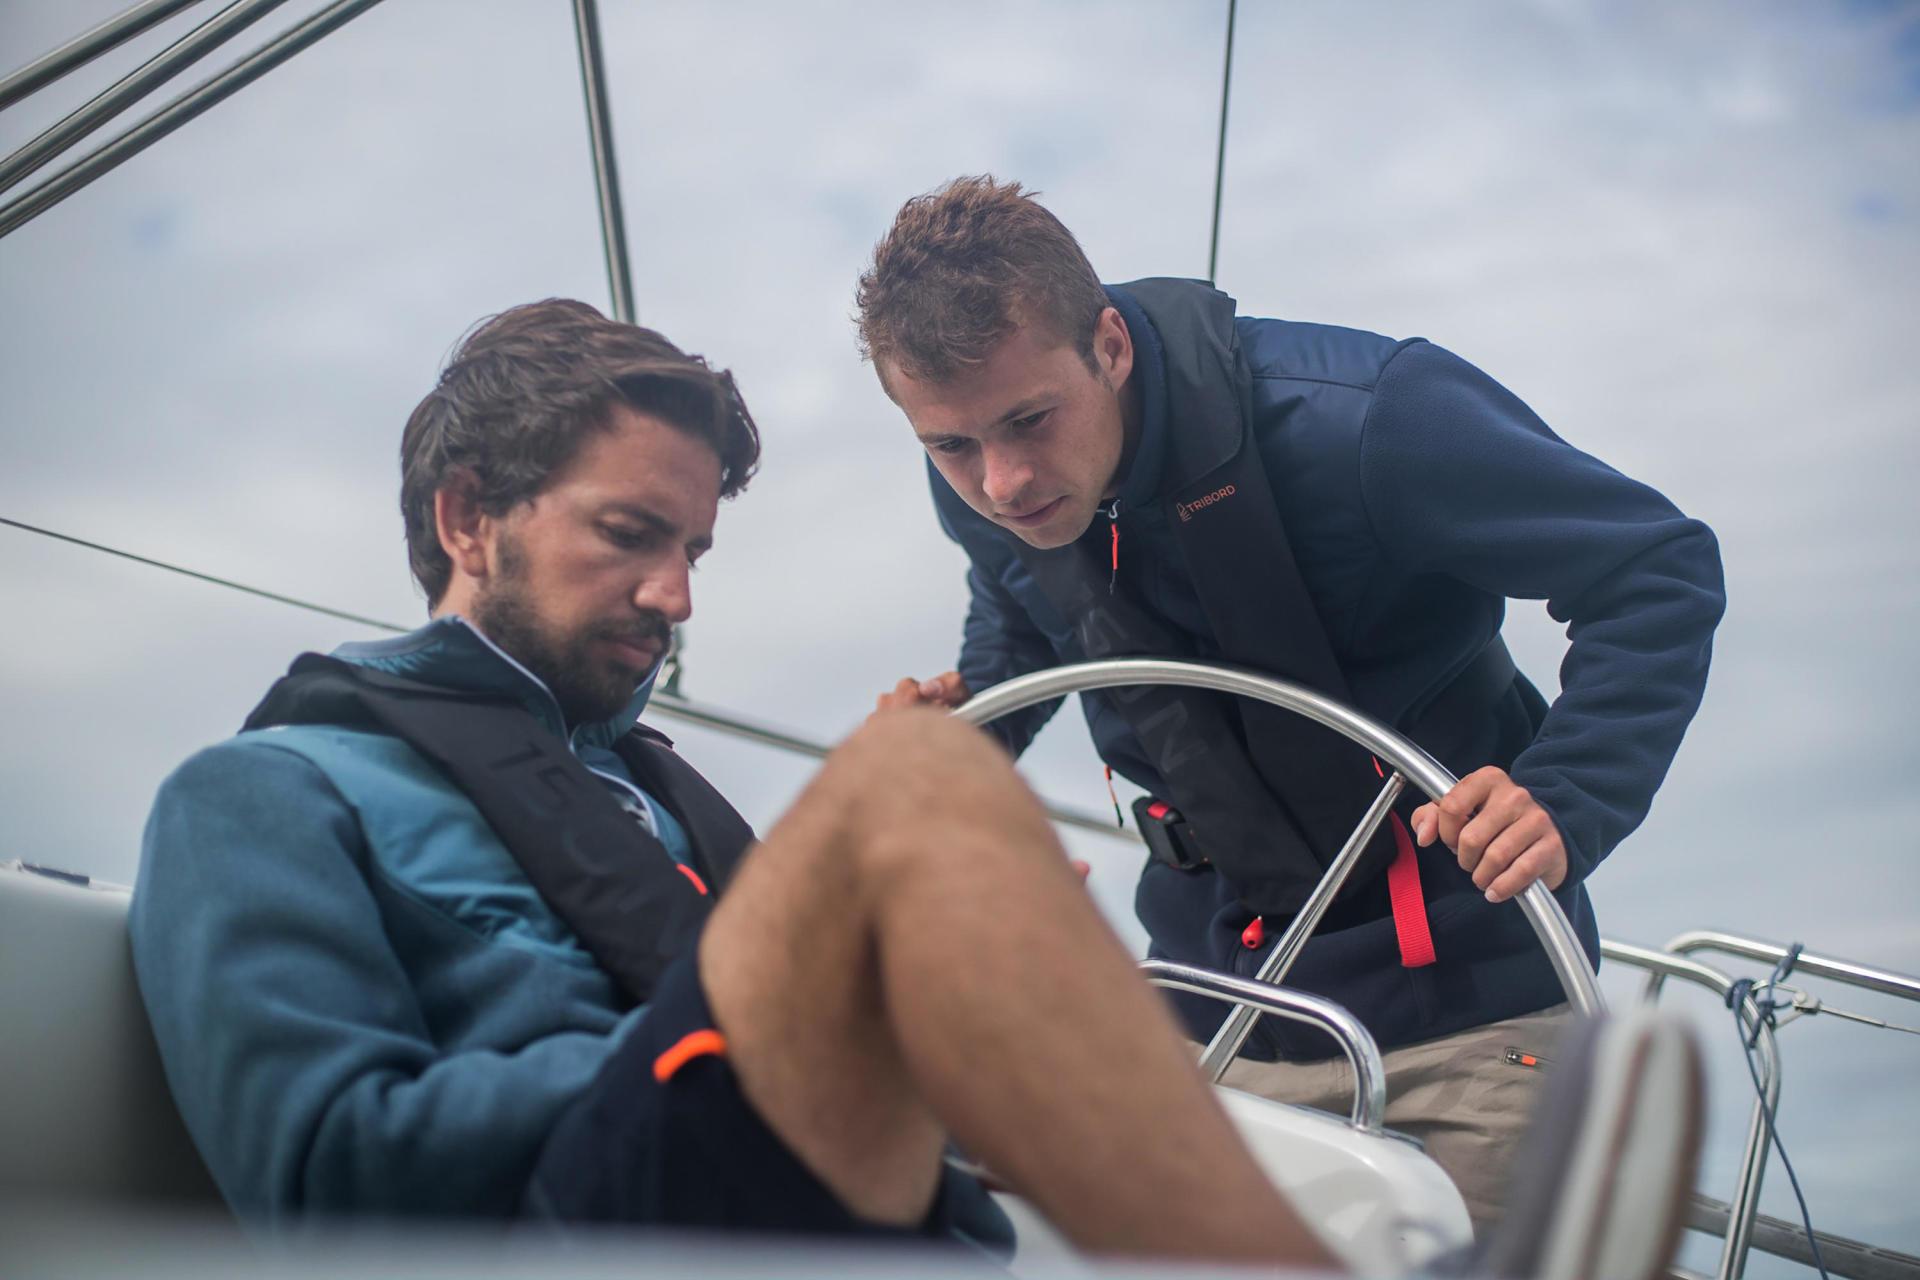 L'histoire de la marque Tribord by Decathlon en quelques mots